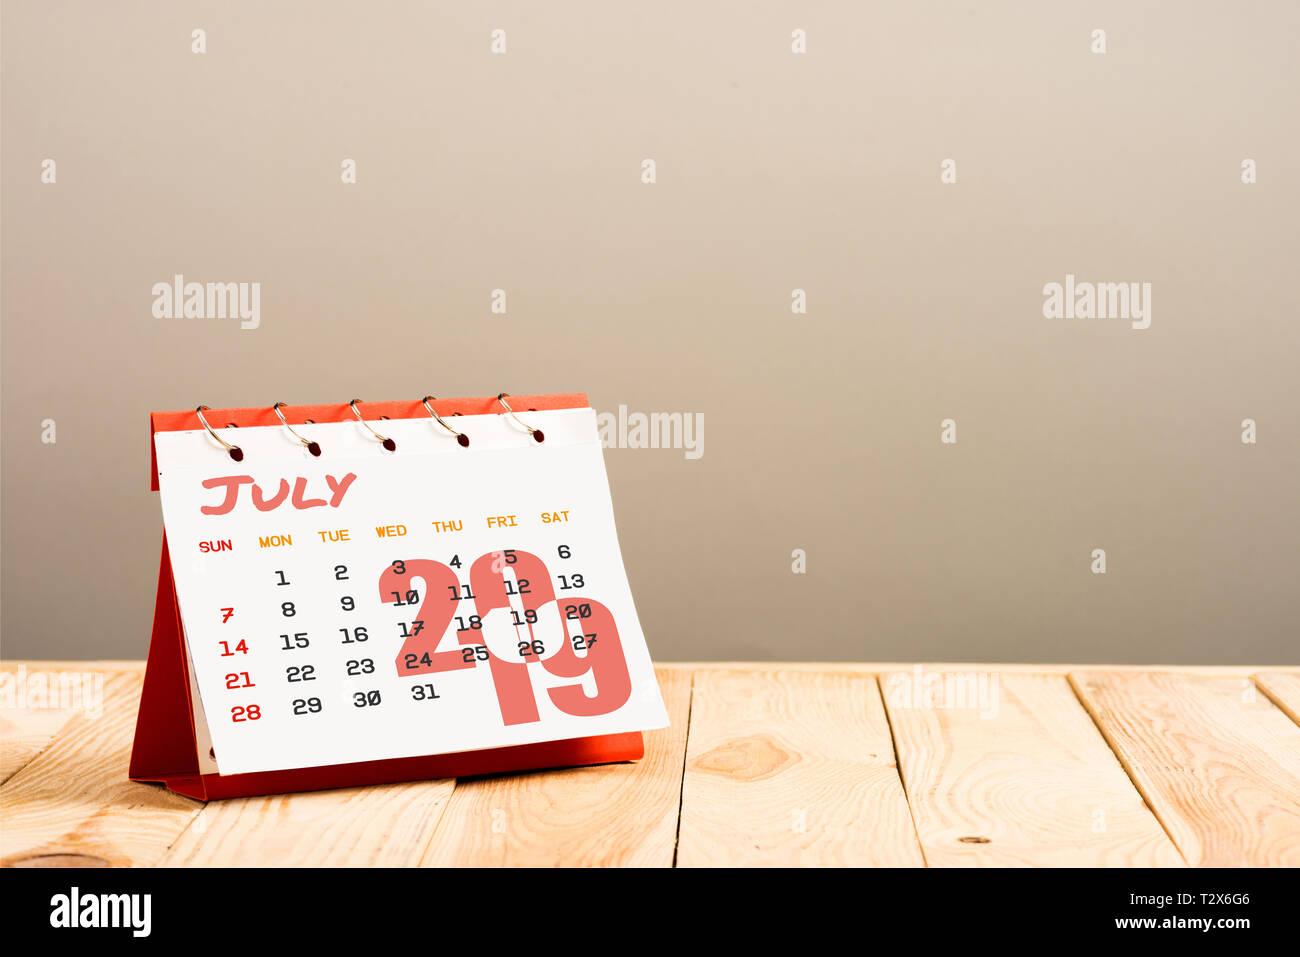 Pagina Di Calendario Luglio 2019.Il Calendario Di Luglio 2019 Pagina Isolato Sul Beige Con